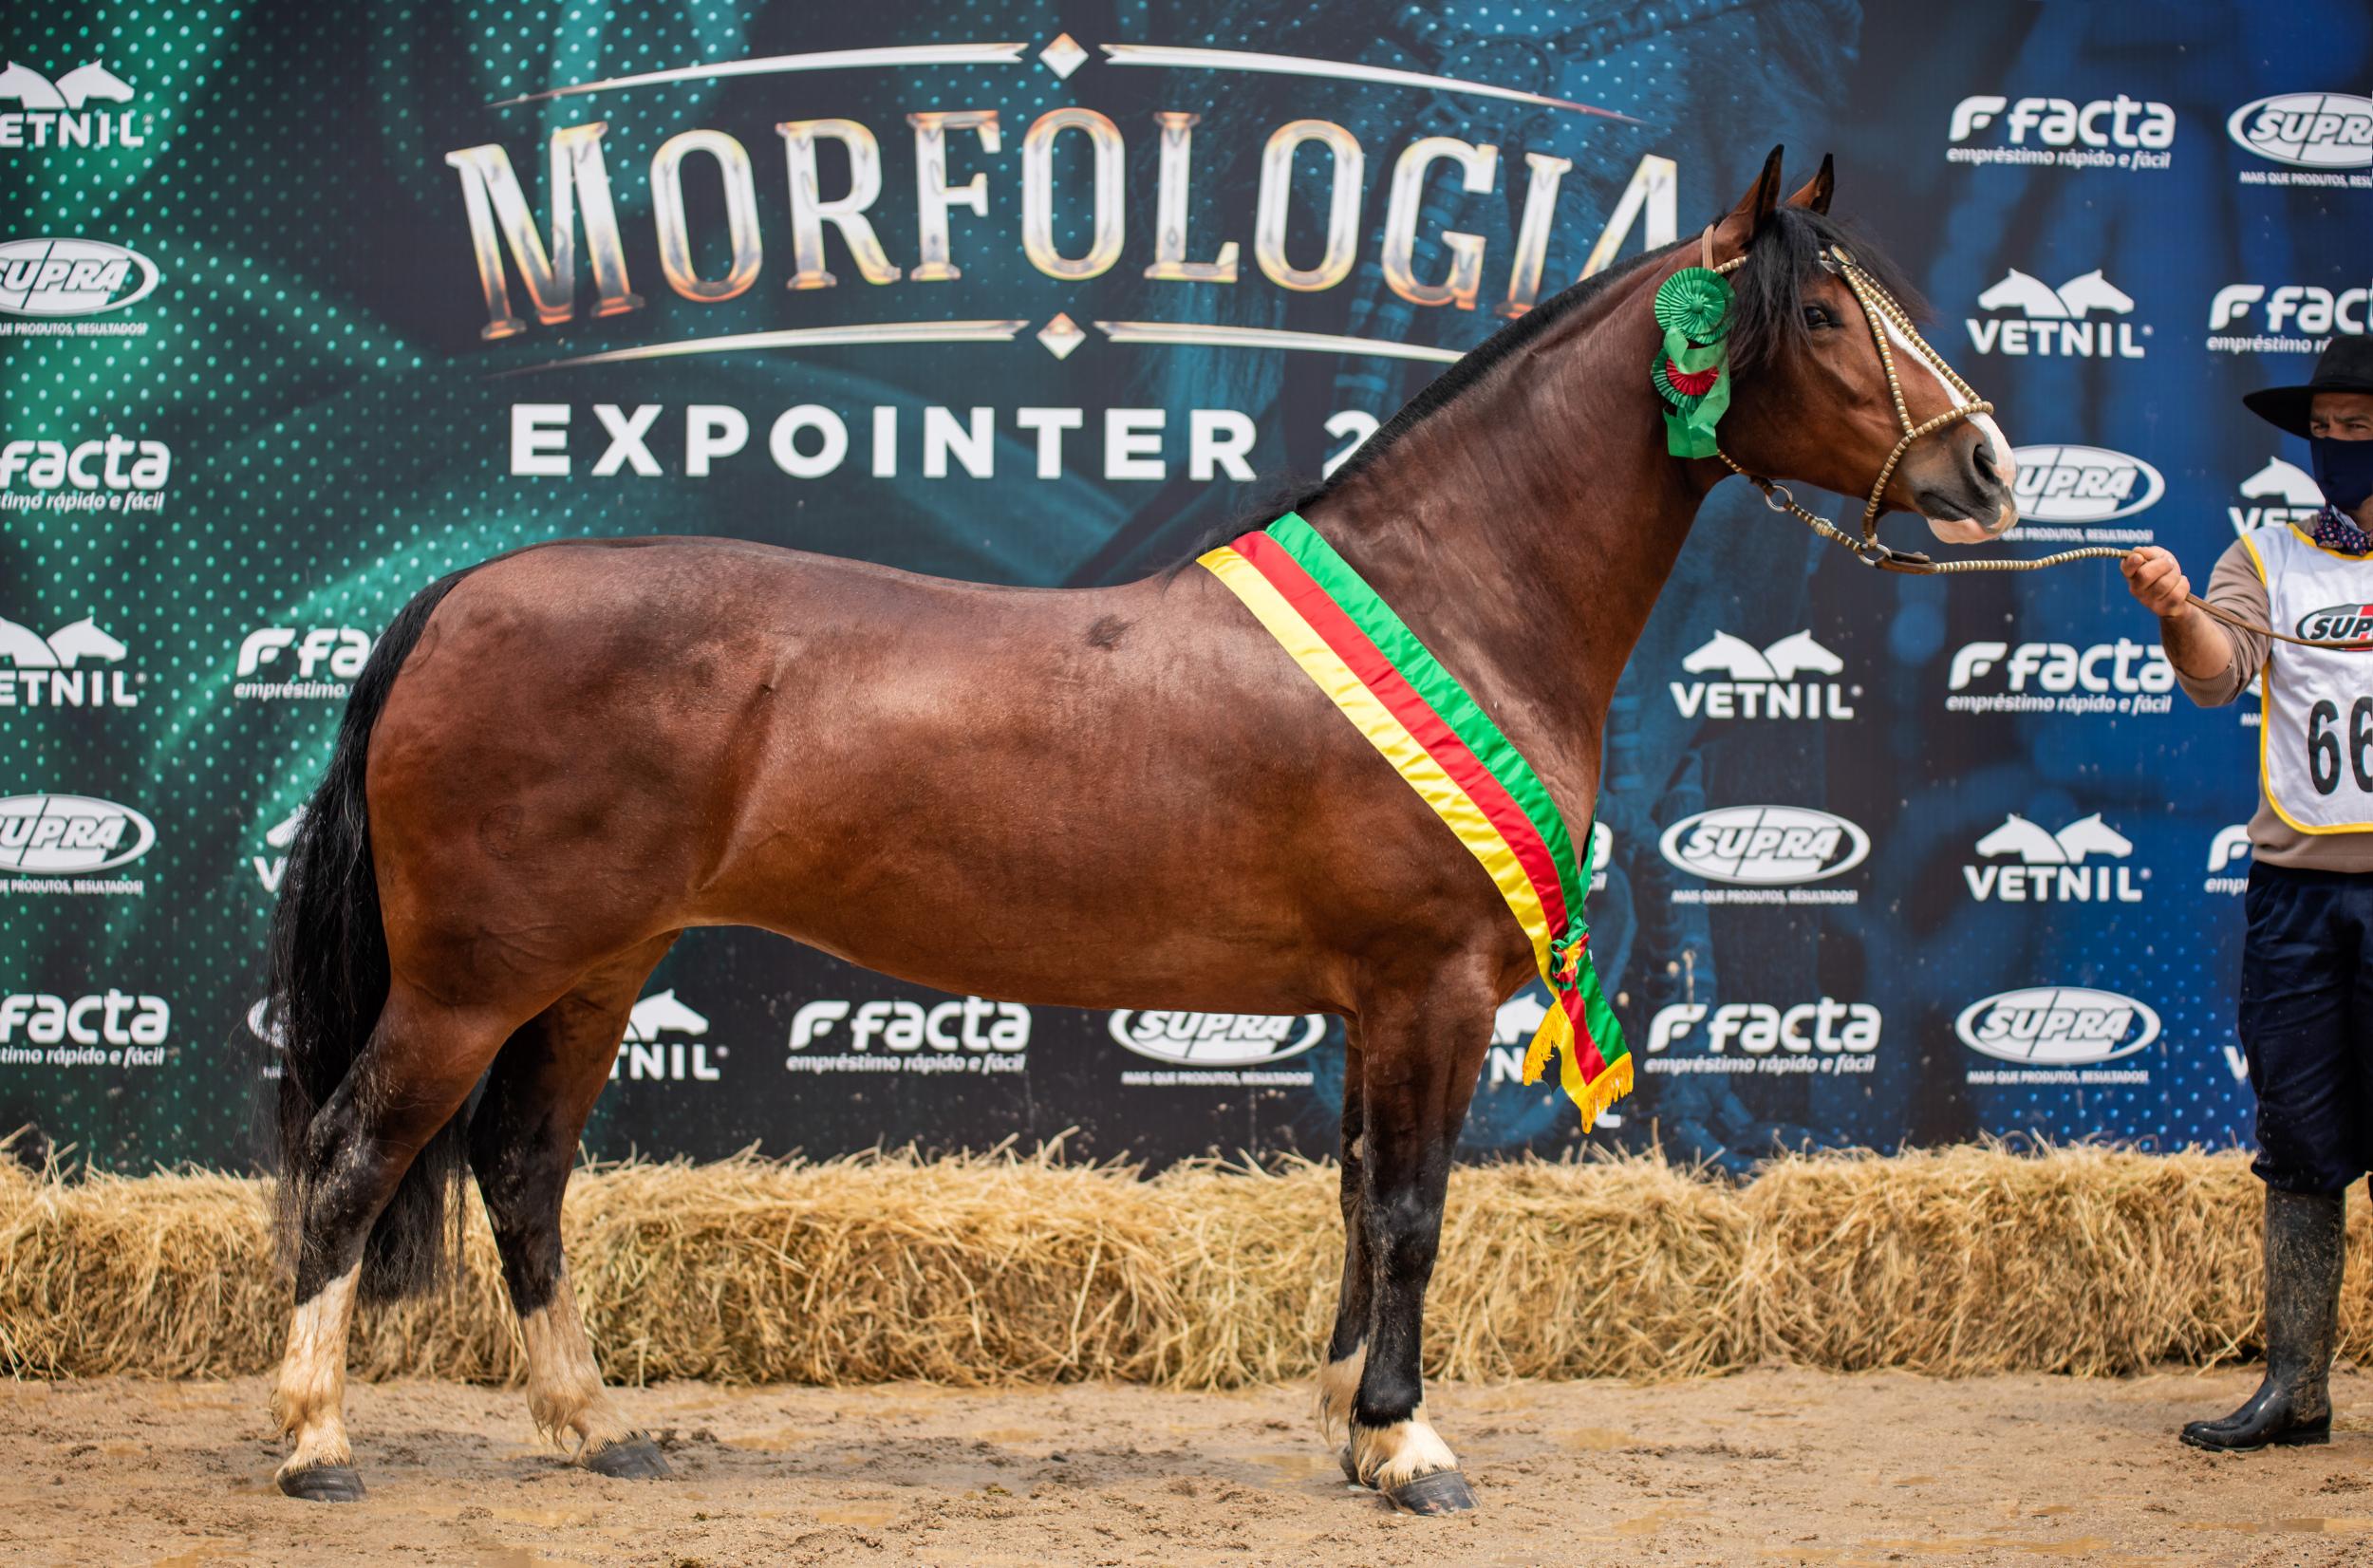 Cavalo Crioulo apresenta seus campeões da Expointer Digital 2020